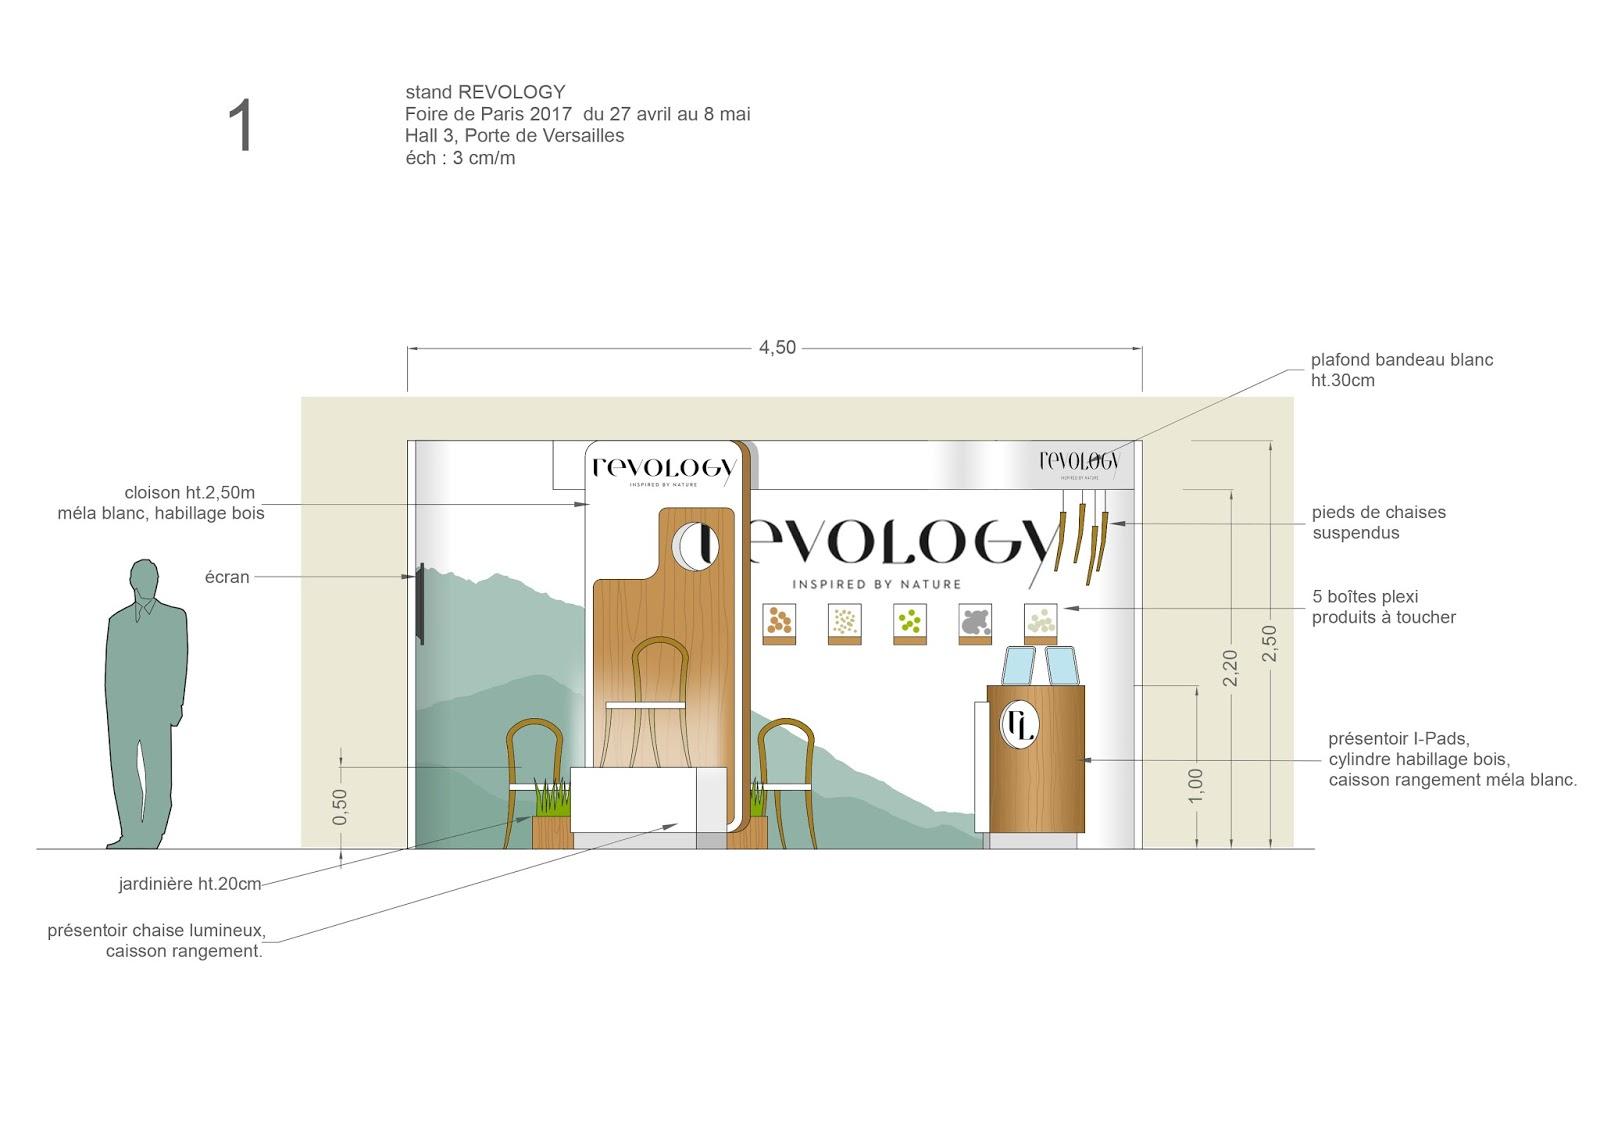 plan foire de paris plan with plan foire de paris perfect paris foire du trne with plan foire. Black Bedroom Furniture Sets. Home Design Ideas